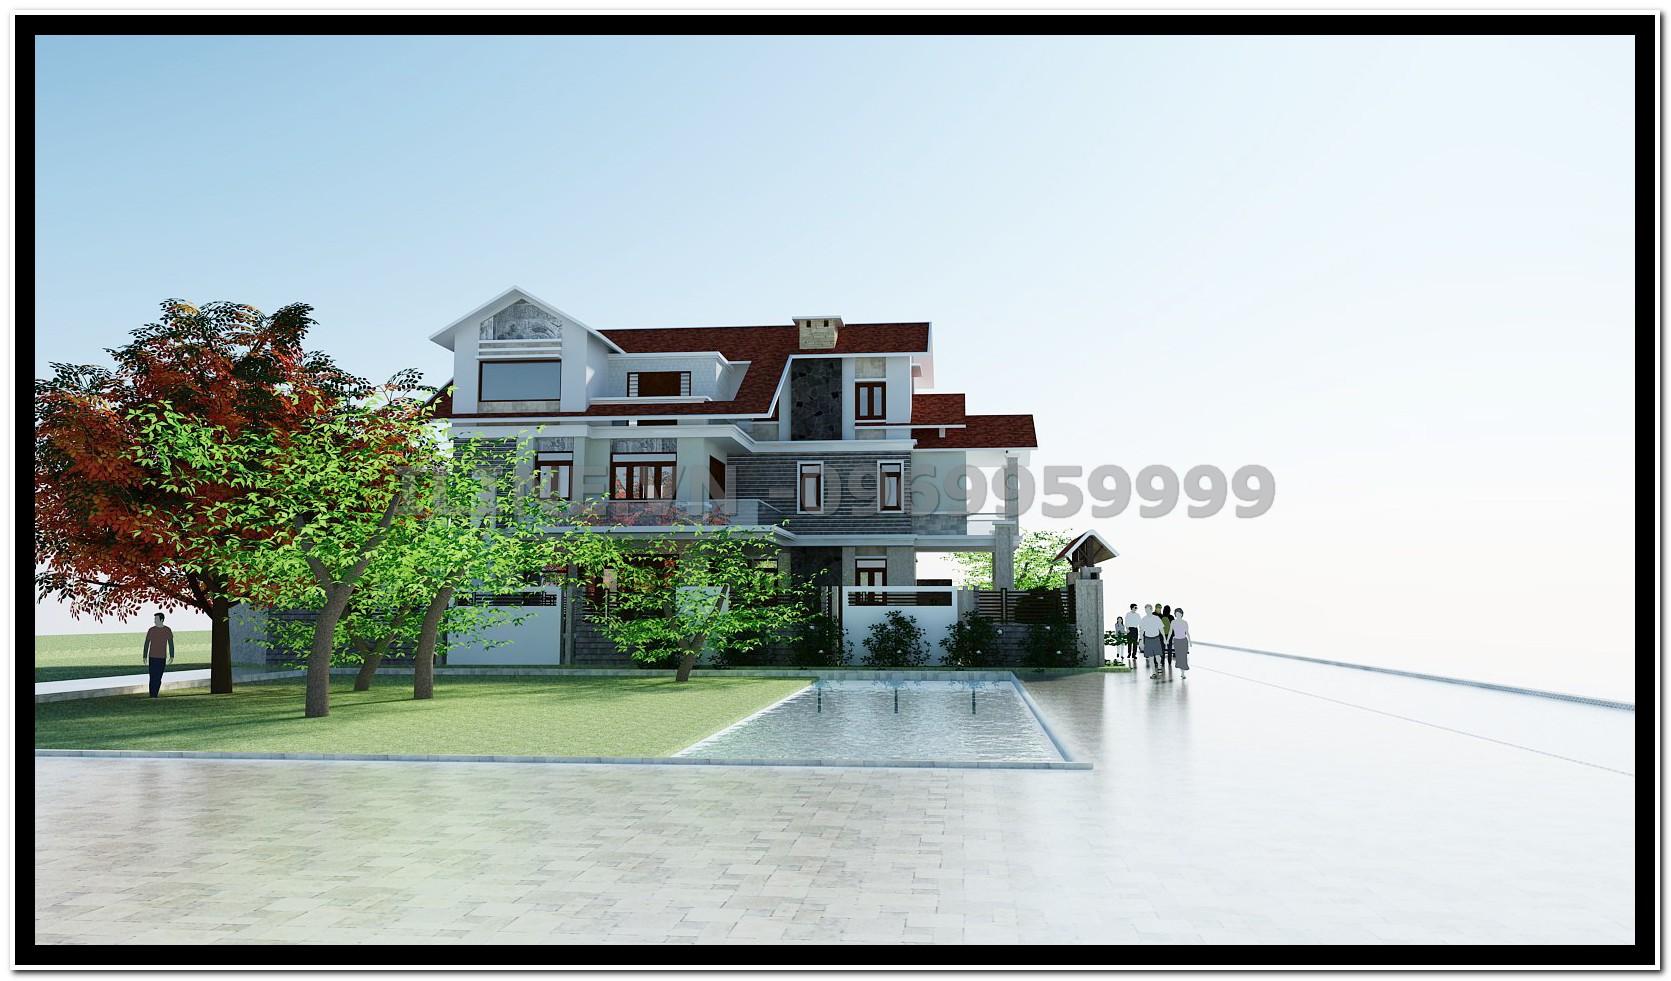 Biệt thự xây dựng theo phong cách truyền thống mang đậm nét đẹp Á đông! Biệt thự nhà anh Linh.